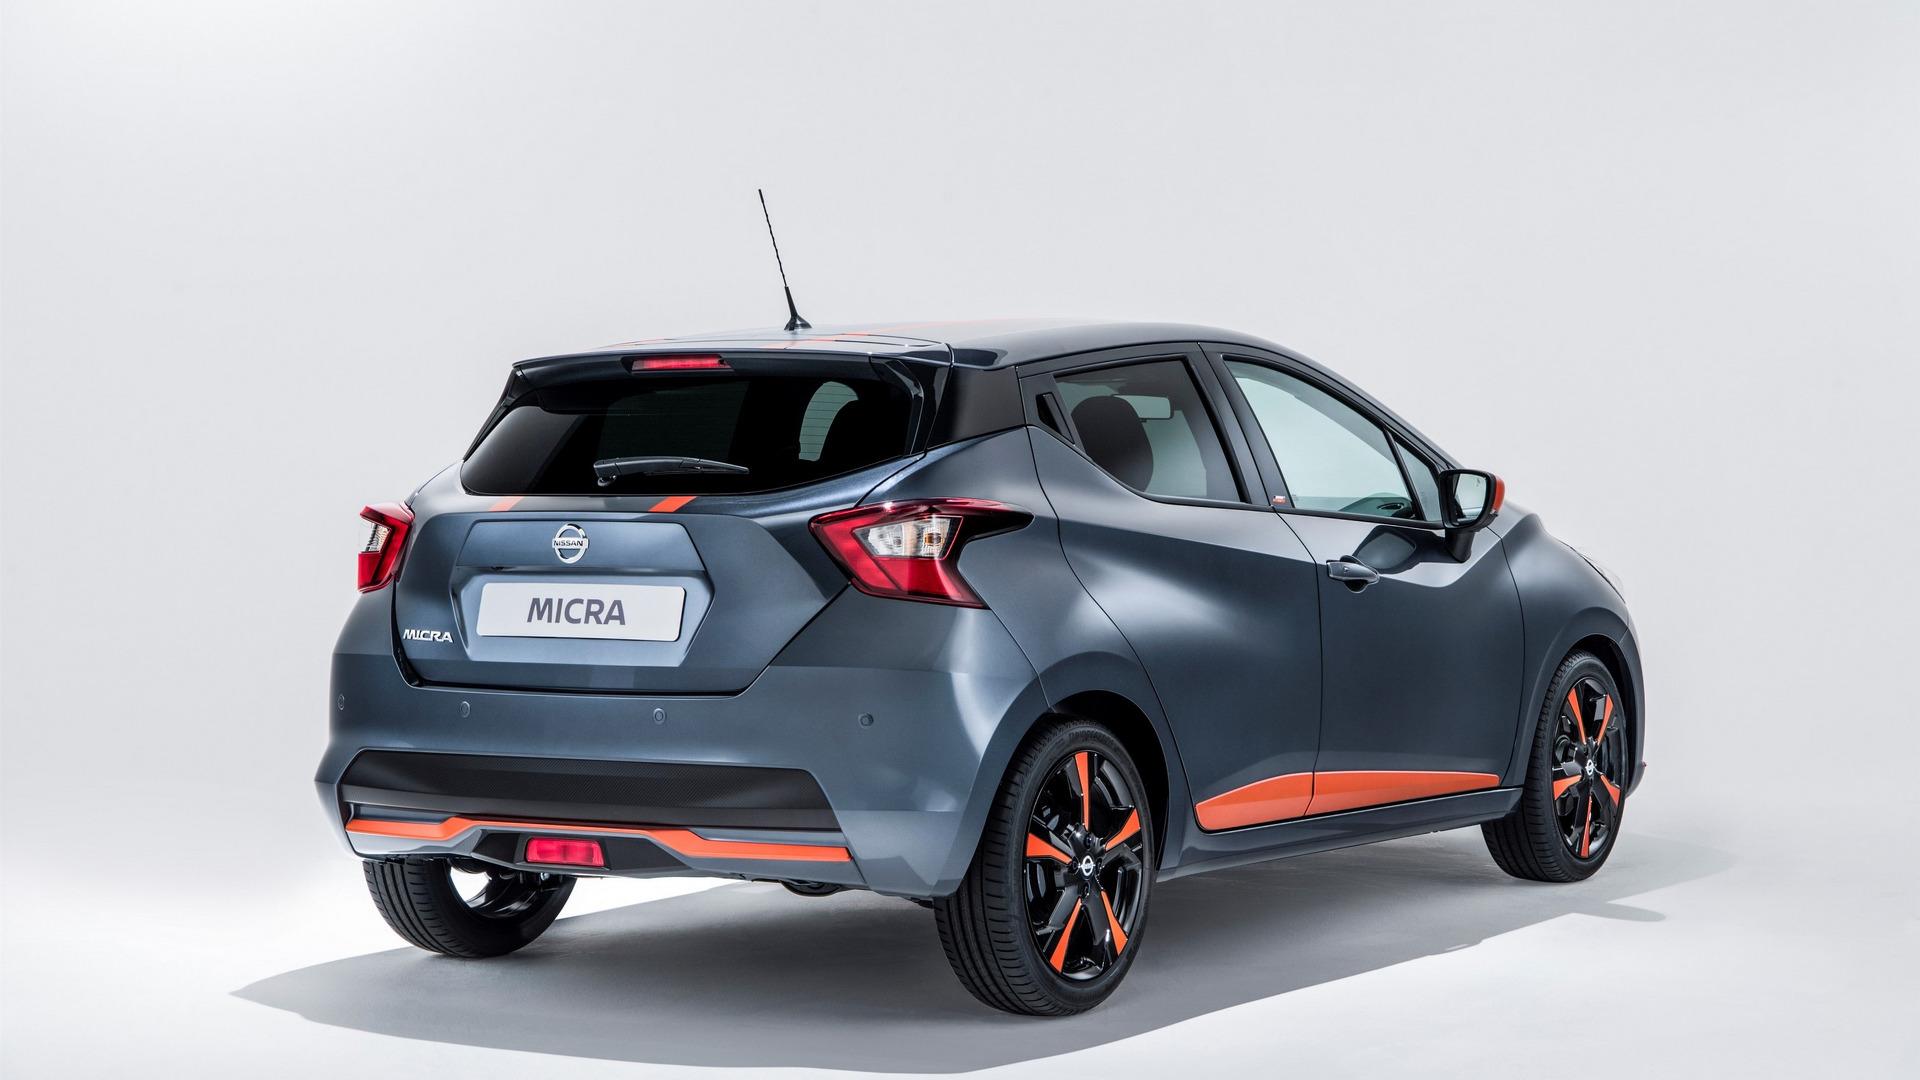 Nissan Micra Bose Personal Edition: ¡La calidad de sonido no está reñida con el segmento!